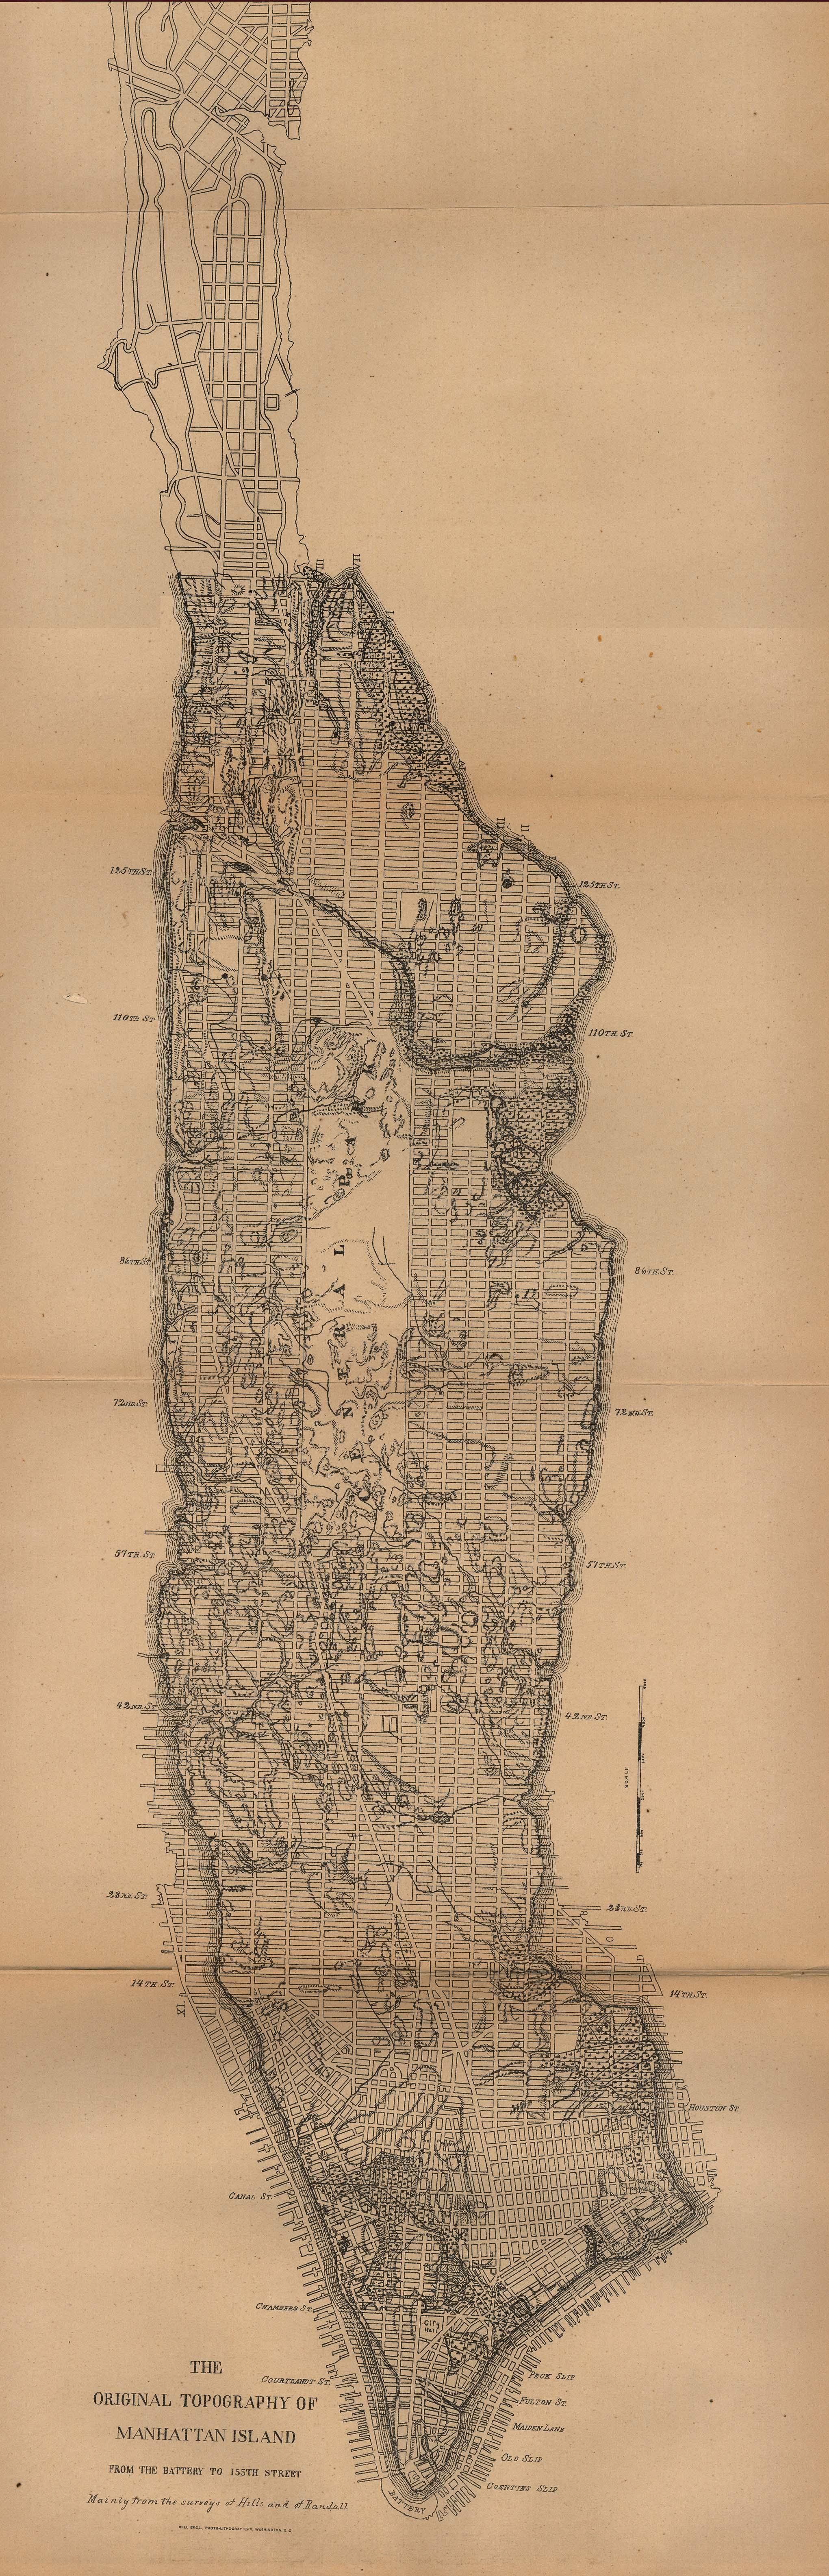 Mapa de la Ciudad de Nueva York, Nueva York, Estados Unidos 1880